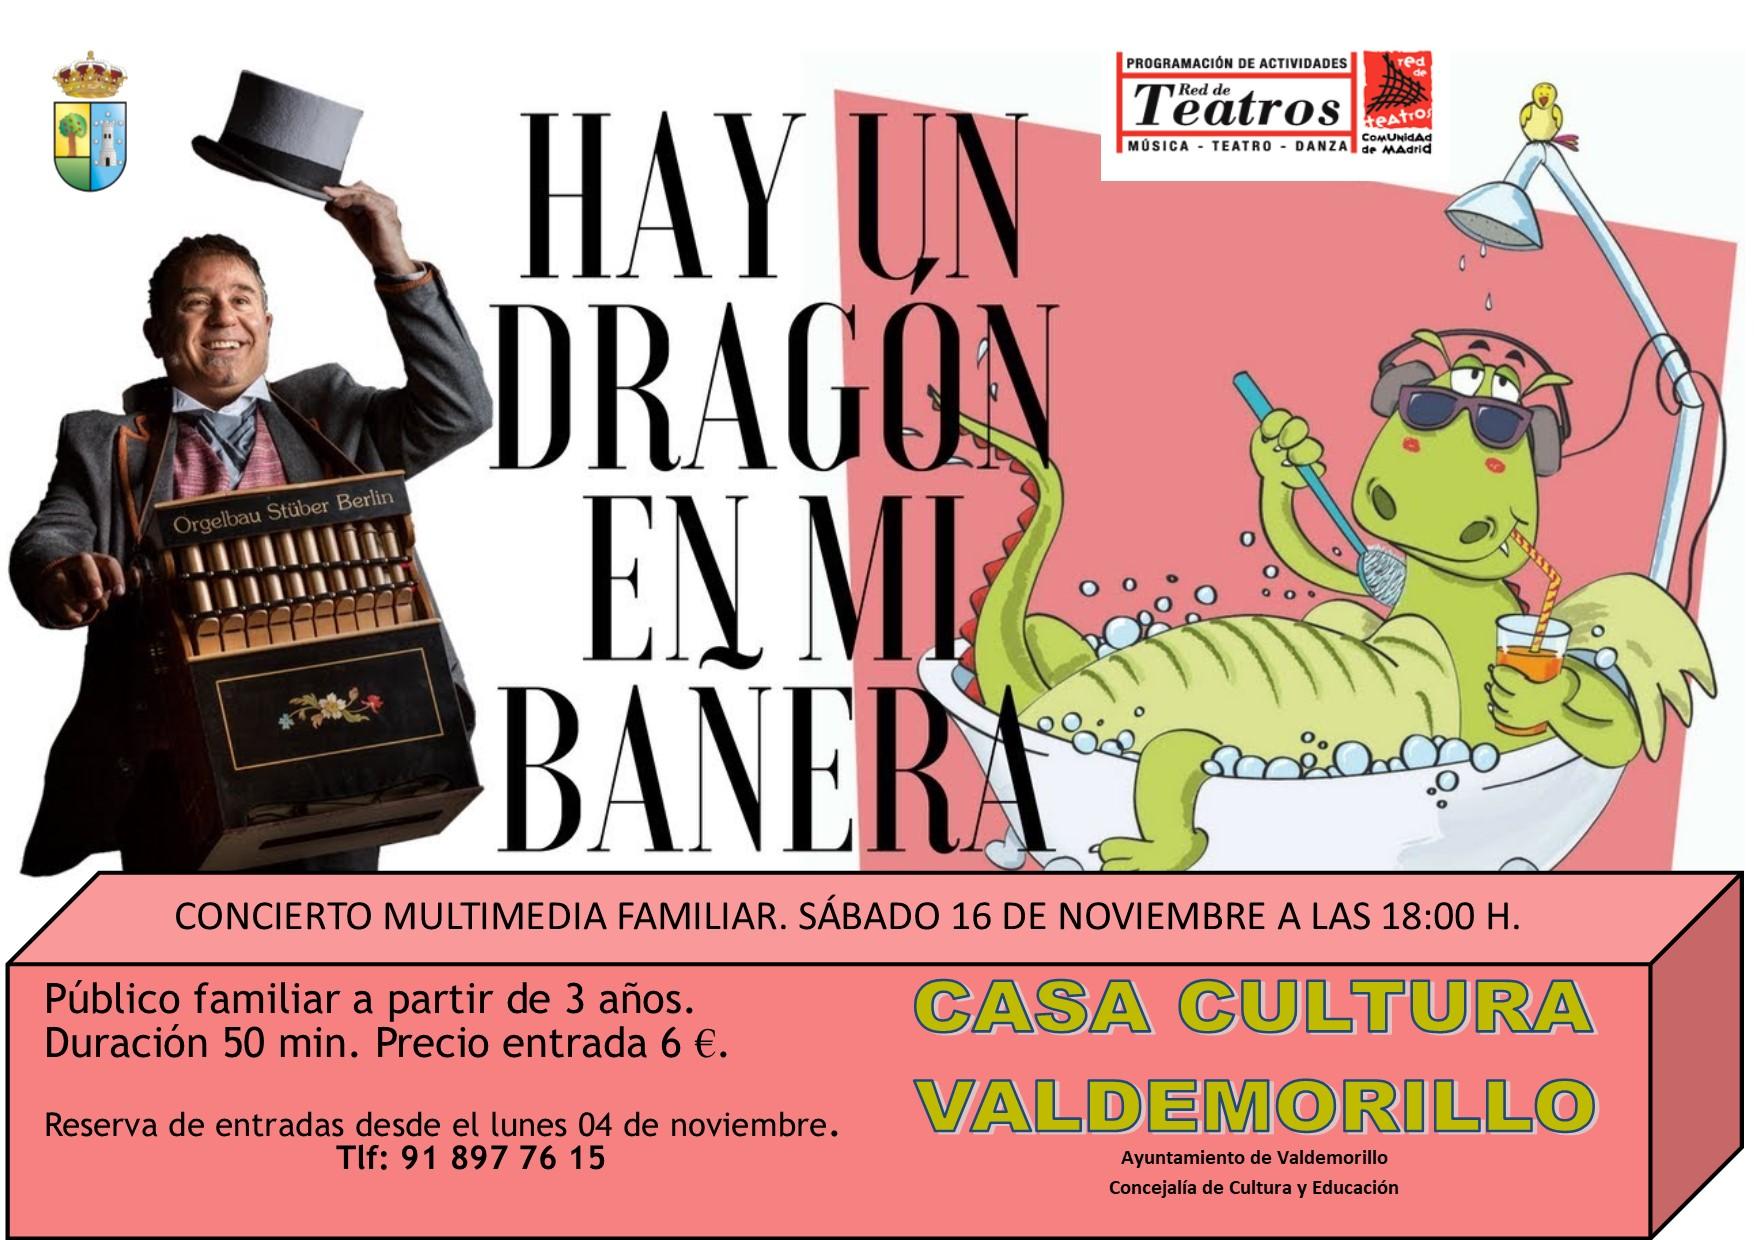 Simpático concierto multimedia familiar,  este sábado 16 de noviembre en la Giralt Laporta